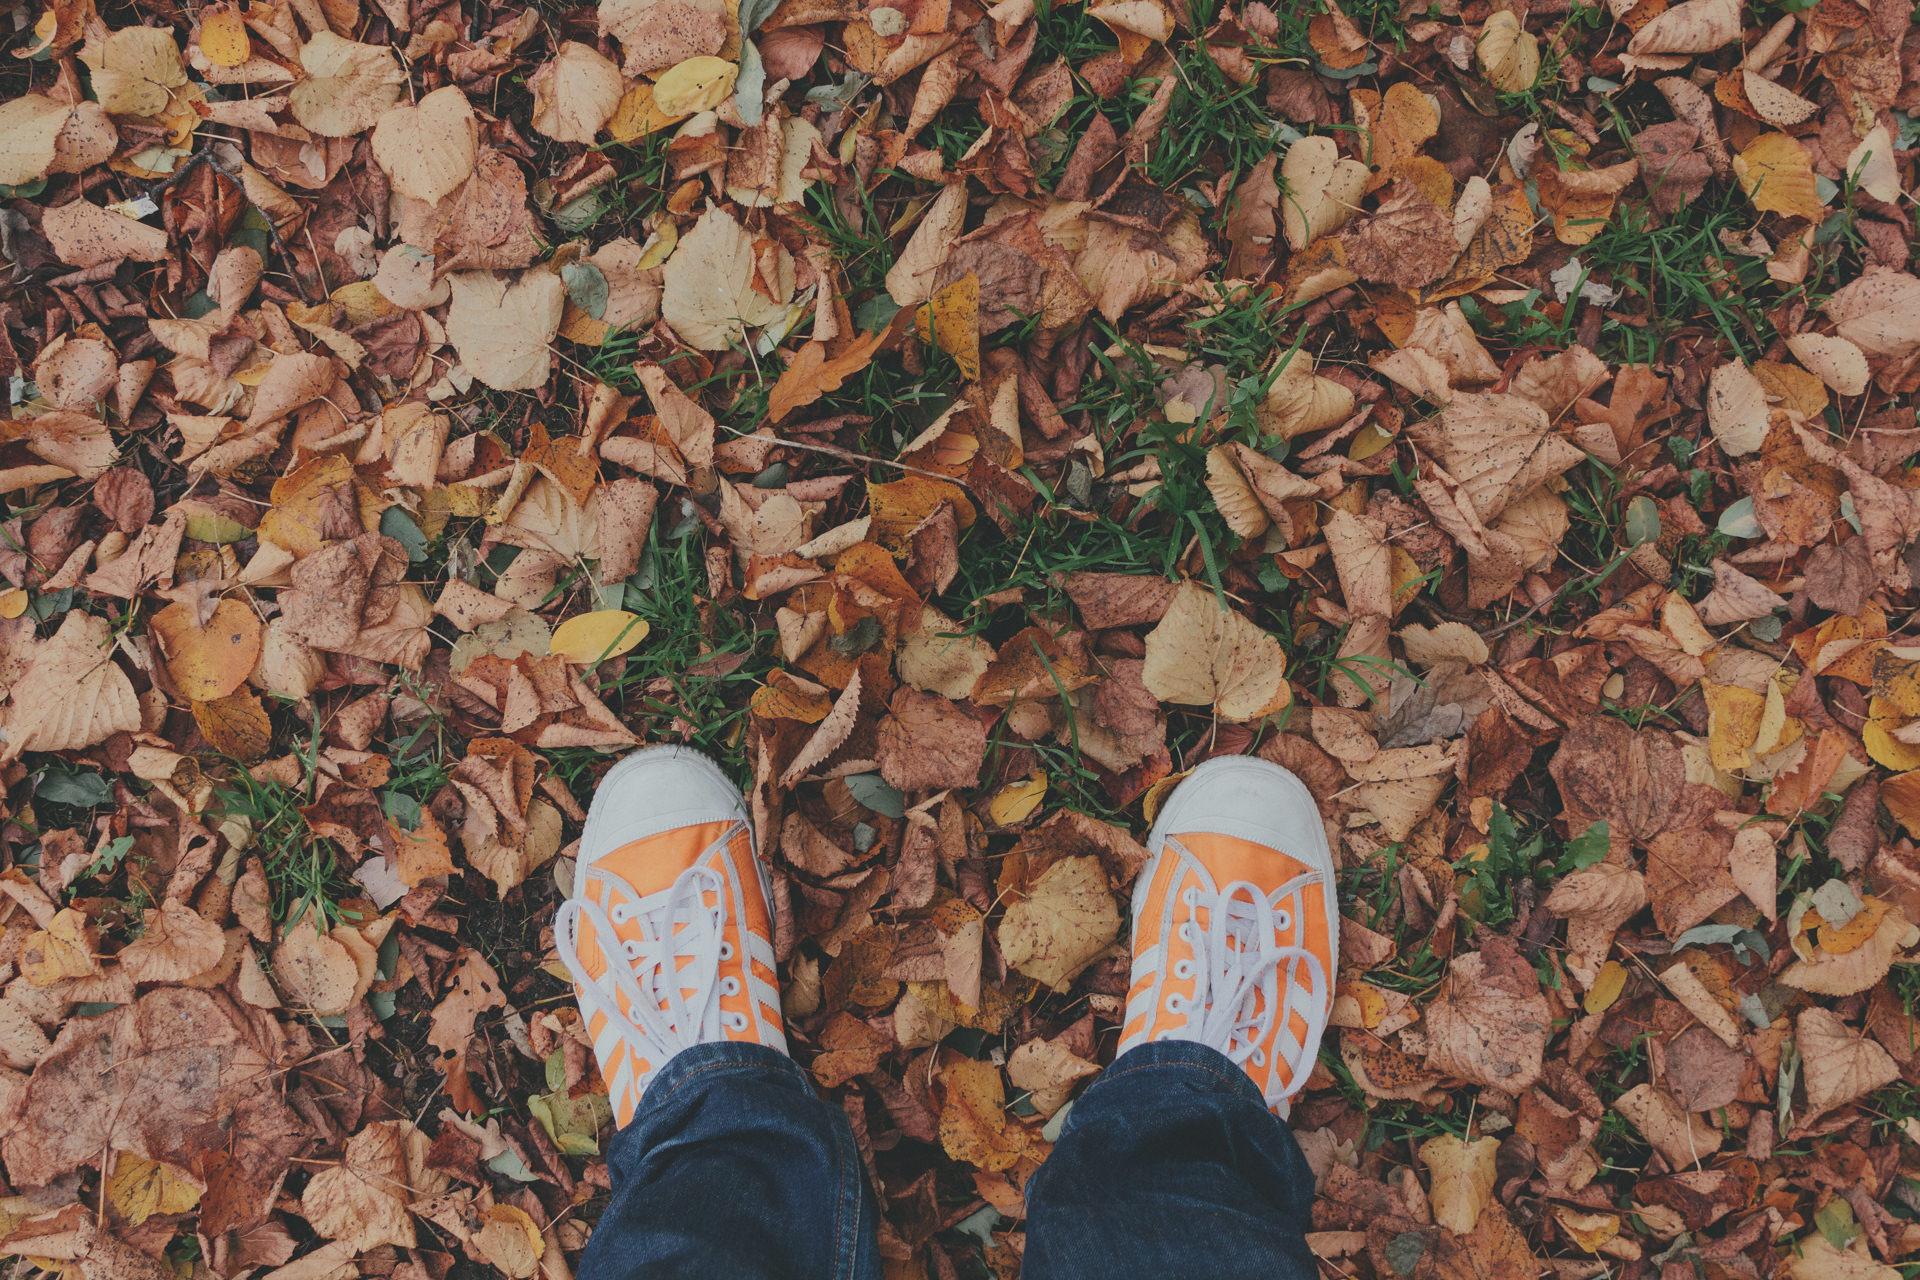 Füße im Herbstlaub – VSCO Verblassen in Lightroom nachbauen